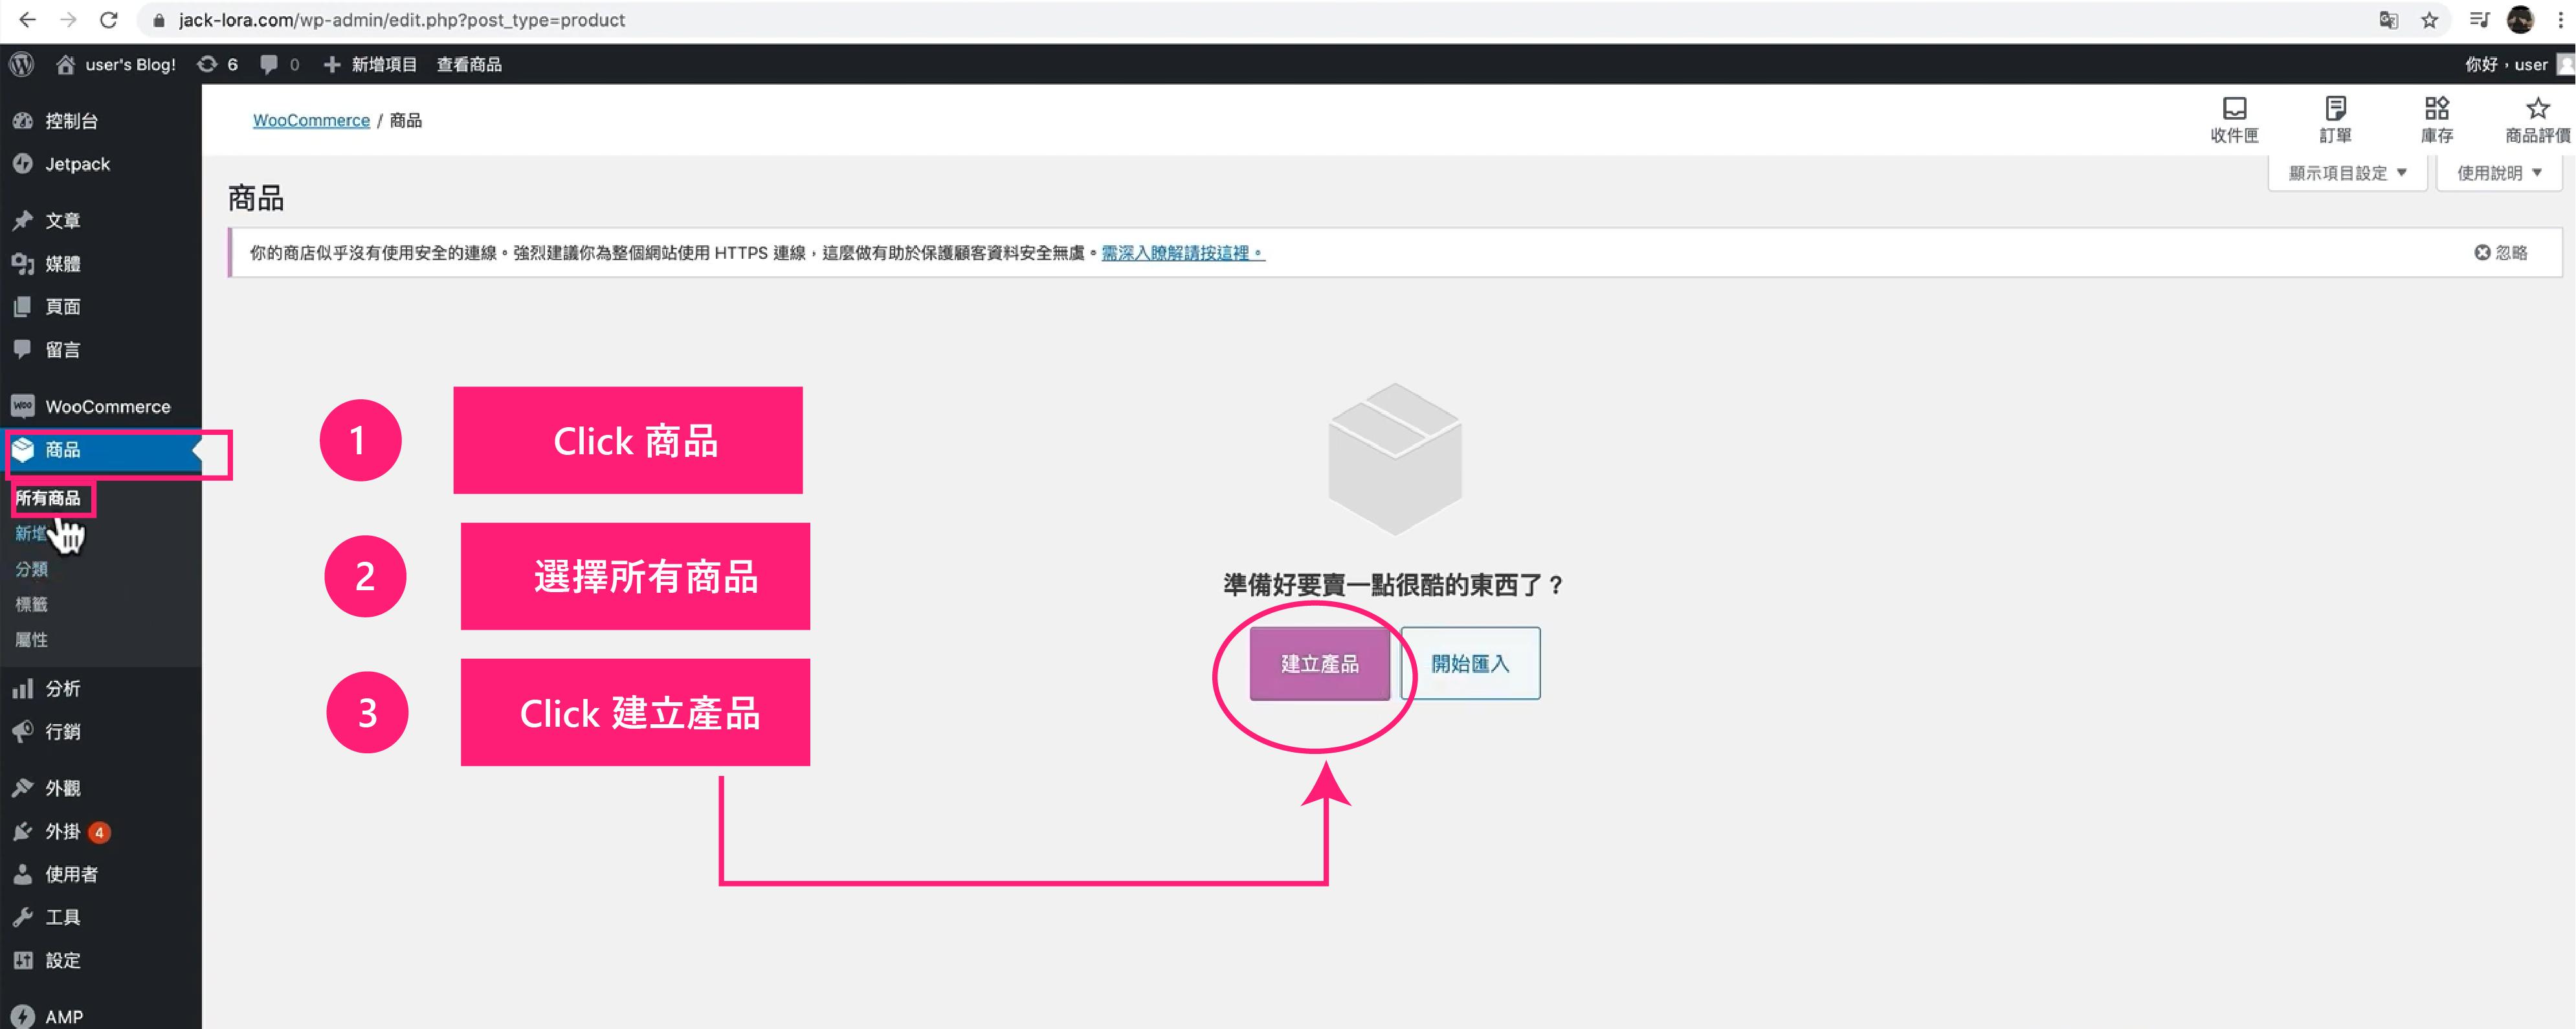 外贸网站搭建教程 - WooCommerce创建商品